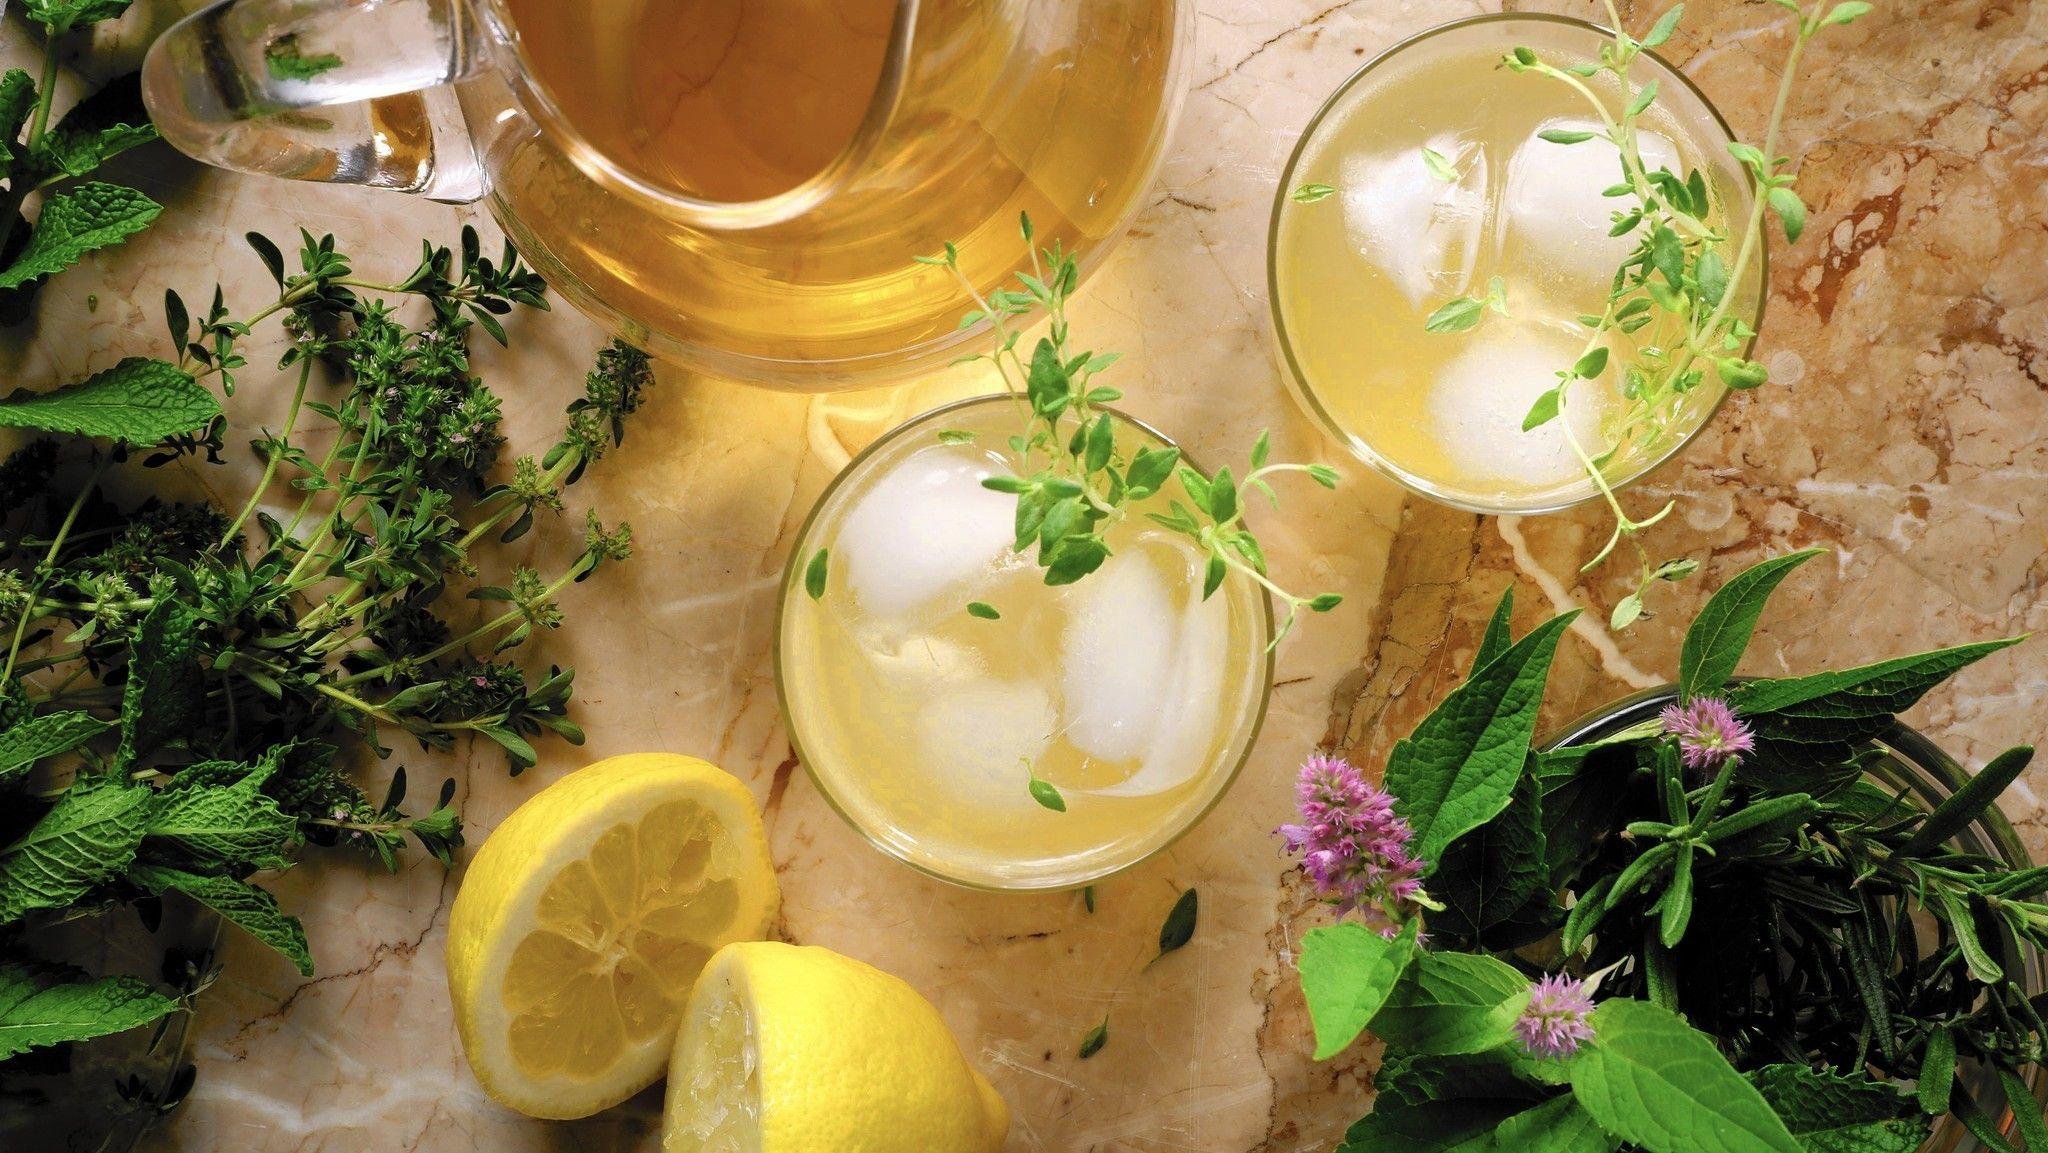 sc-cocktail-herb-garden-drink-food-0722-20160720.jpg